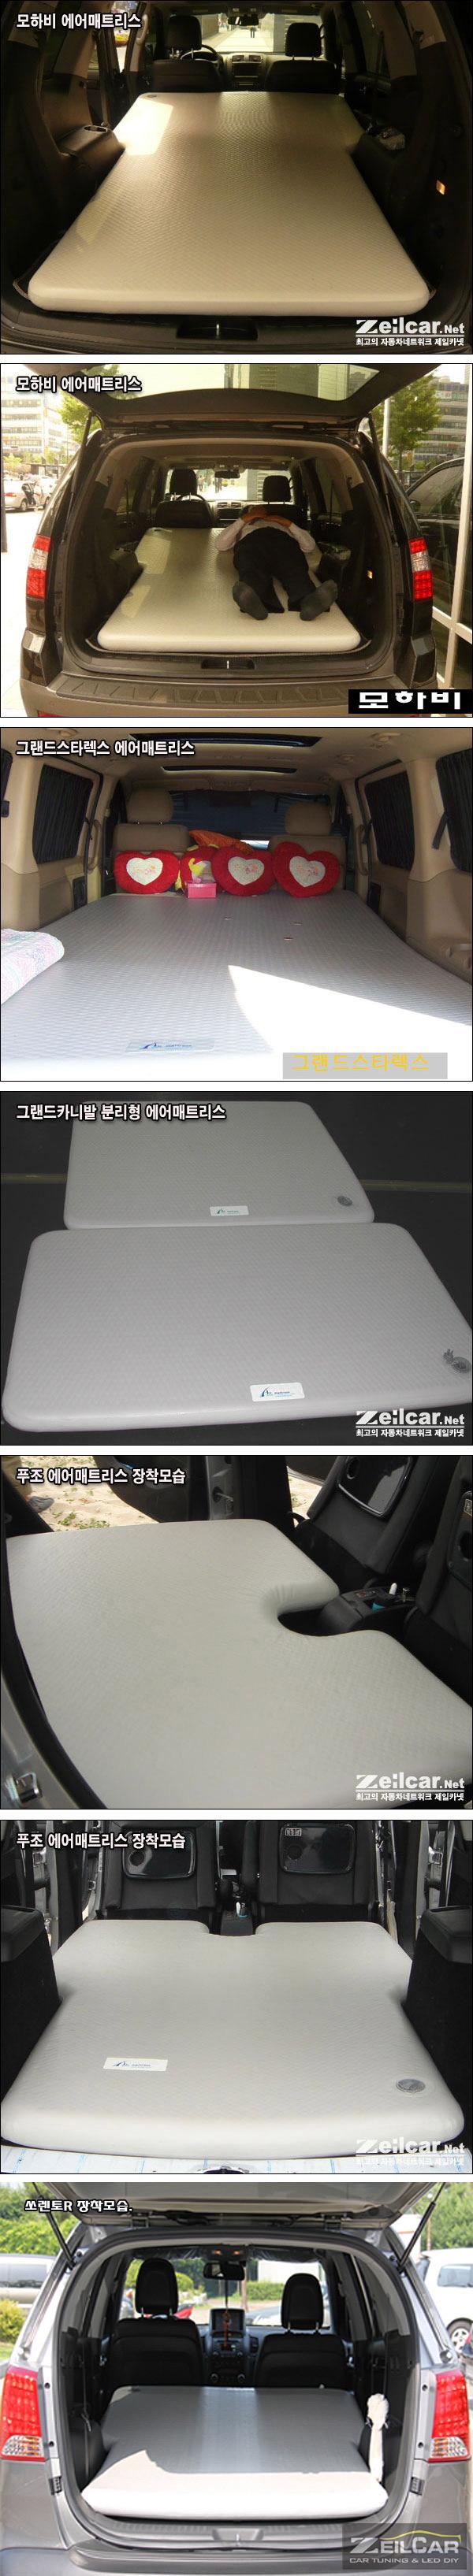 현대/기아 중앙맵등 PCB